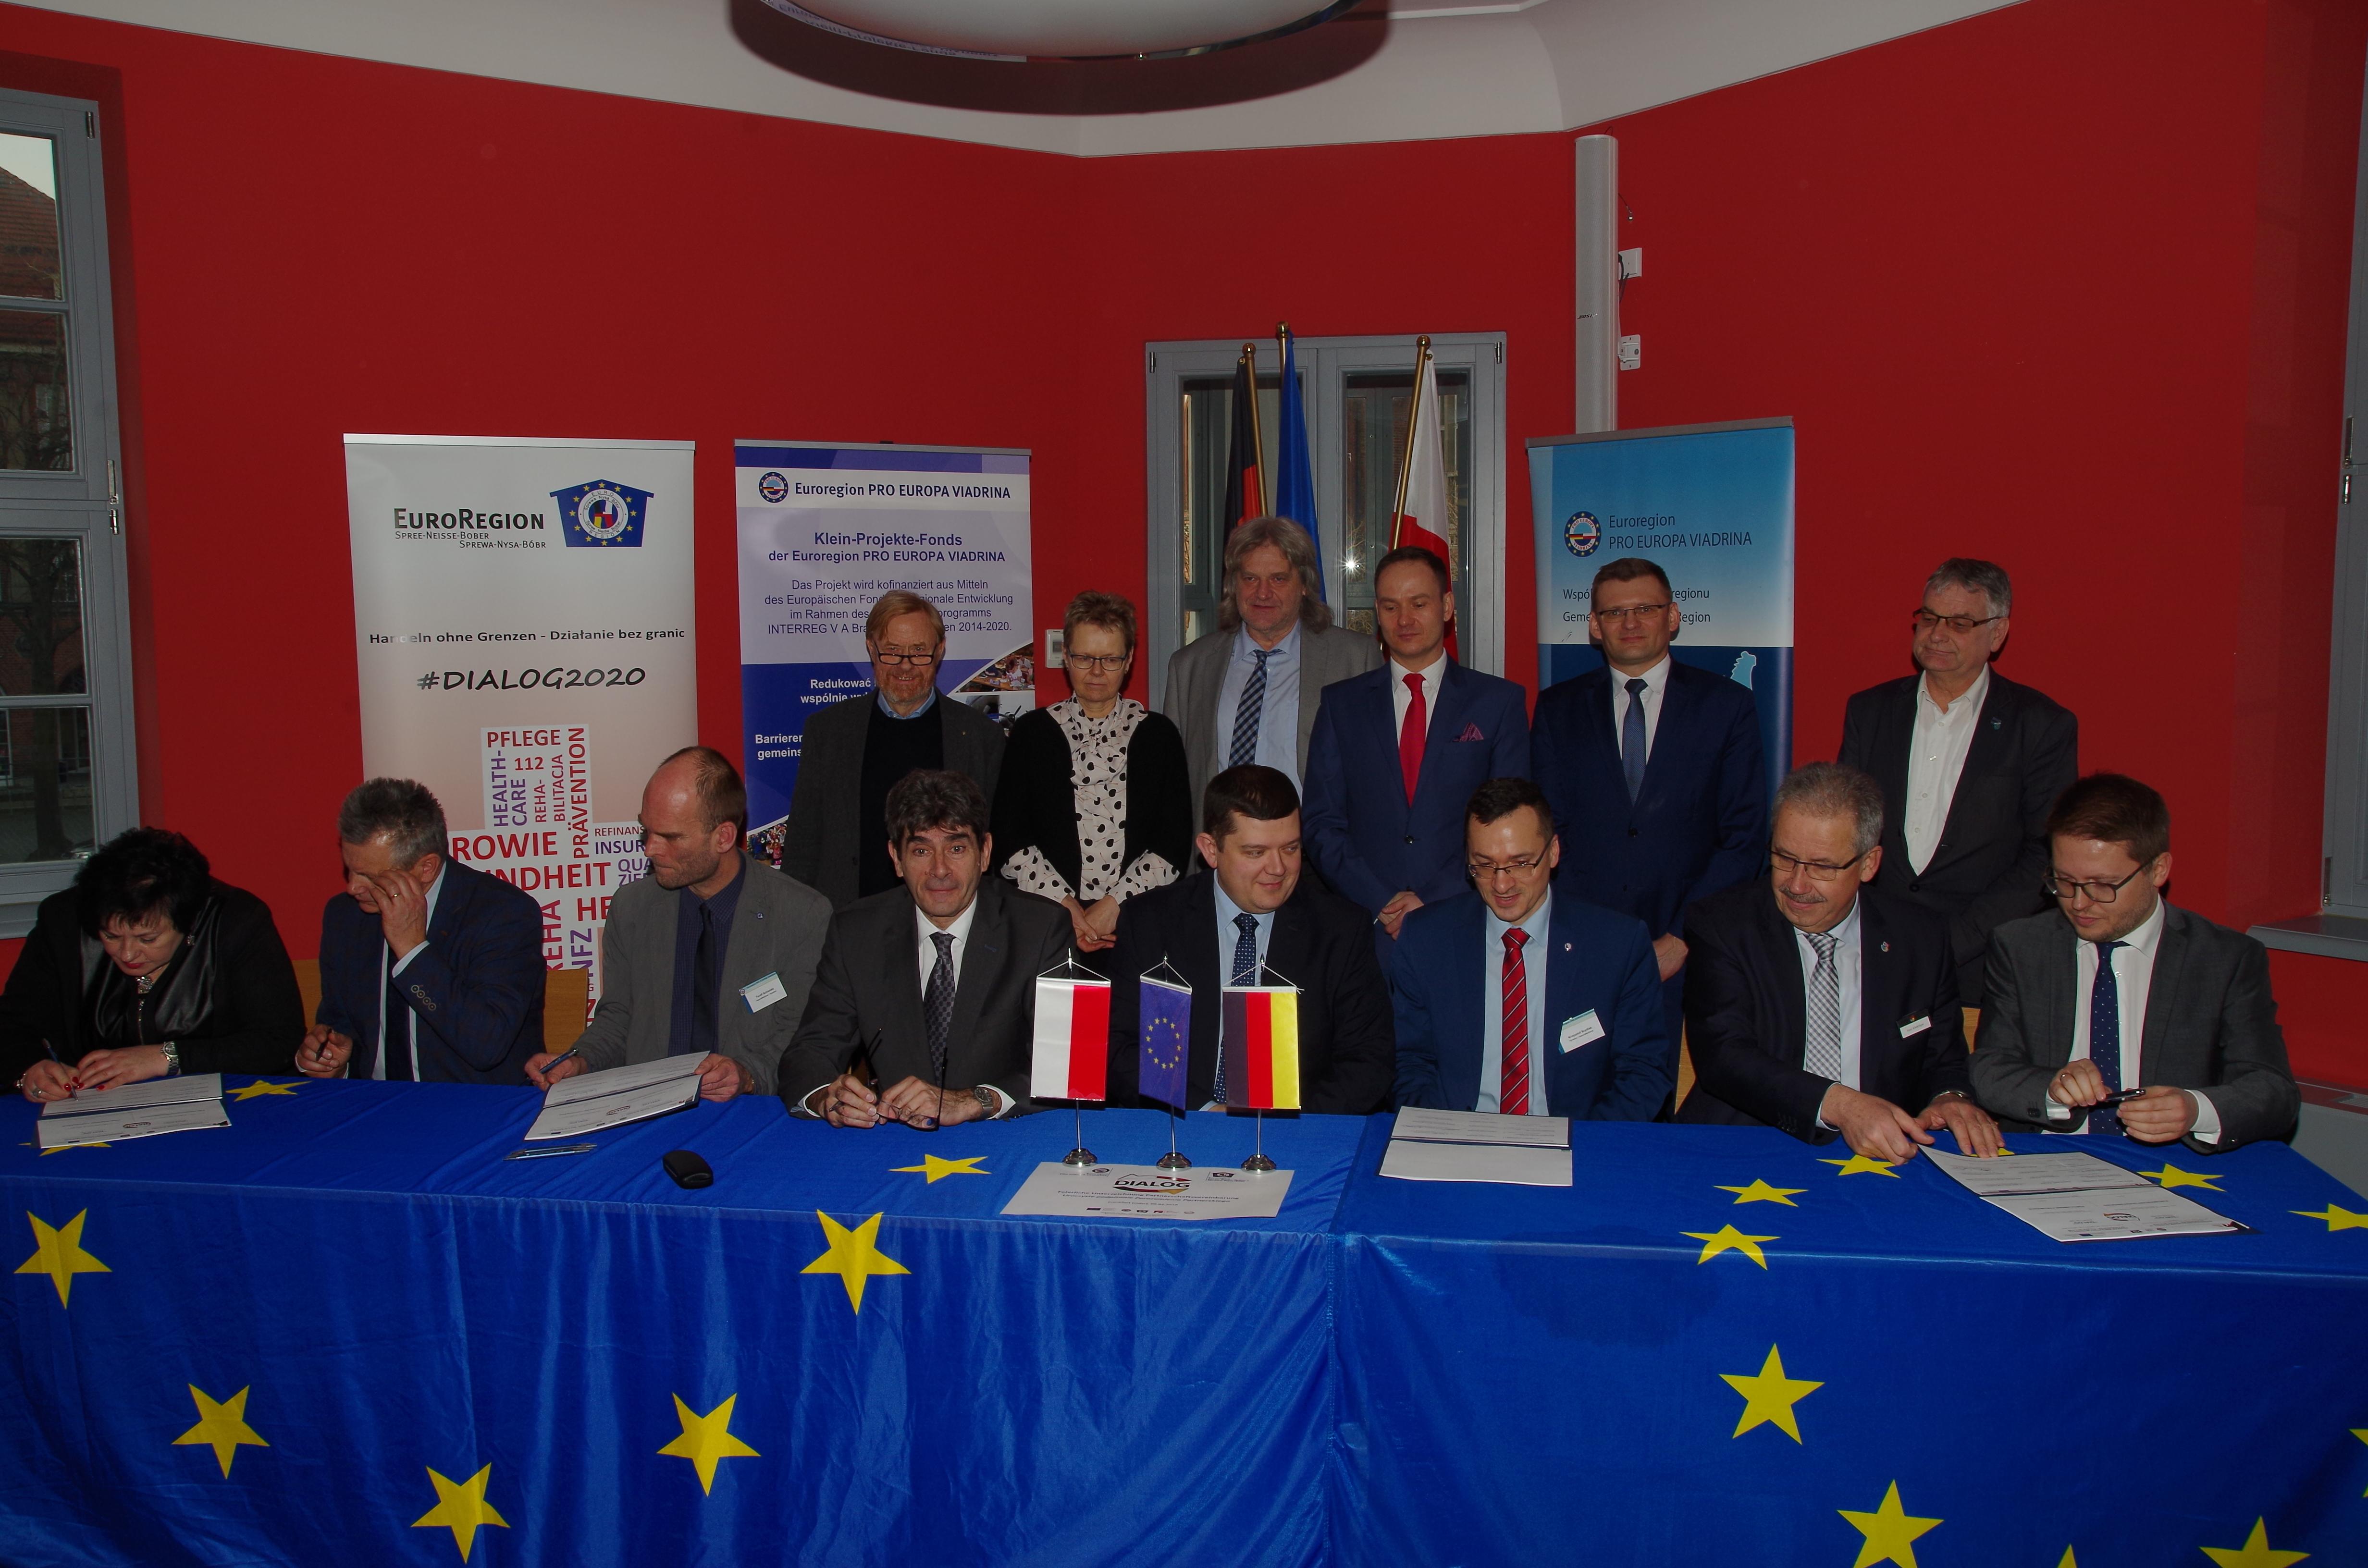 DIALOG - Unterzeichnung PV - FfO 09.02.2018 - (42) - Euroregion PRO ...